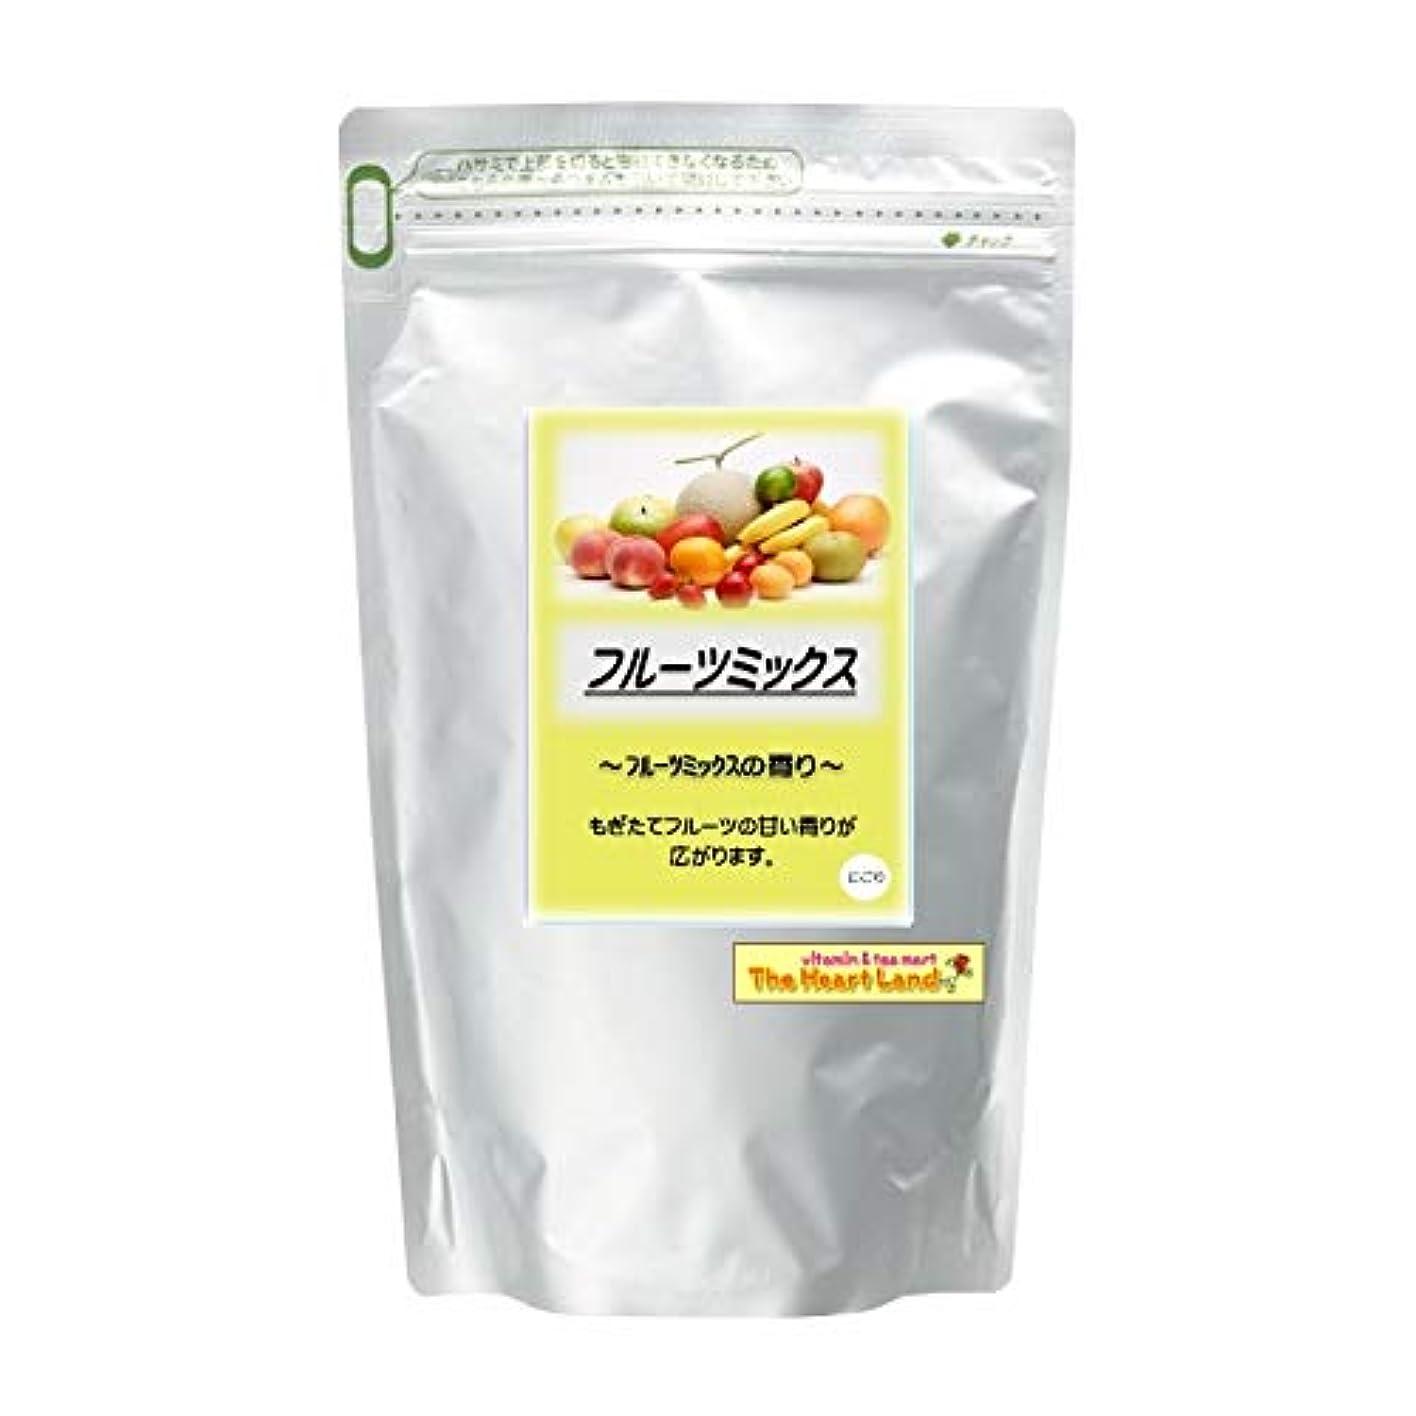 施しクレタ農業アサヒ入浴剤 浴用入浴化粧品 フルーツミックス 300g